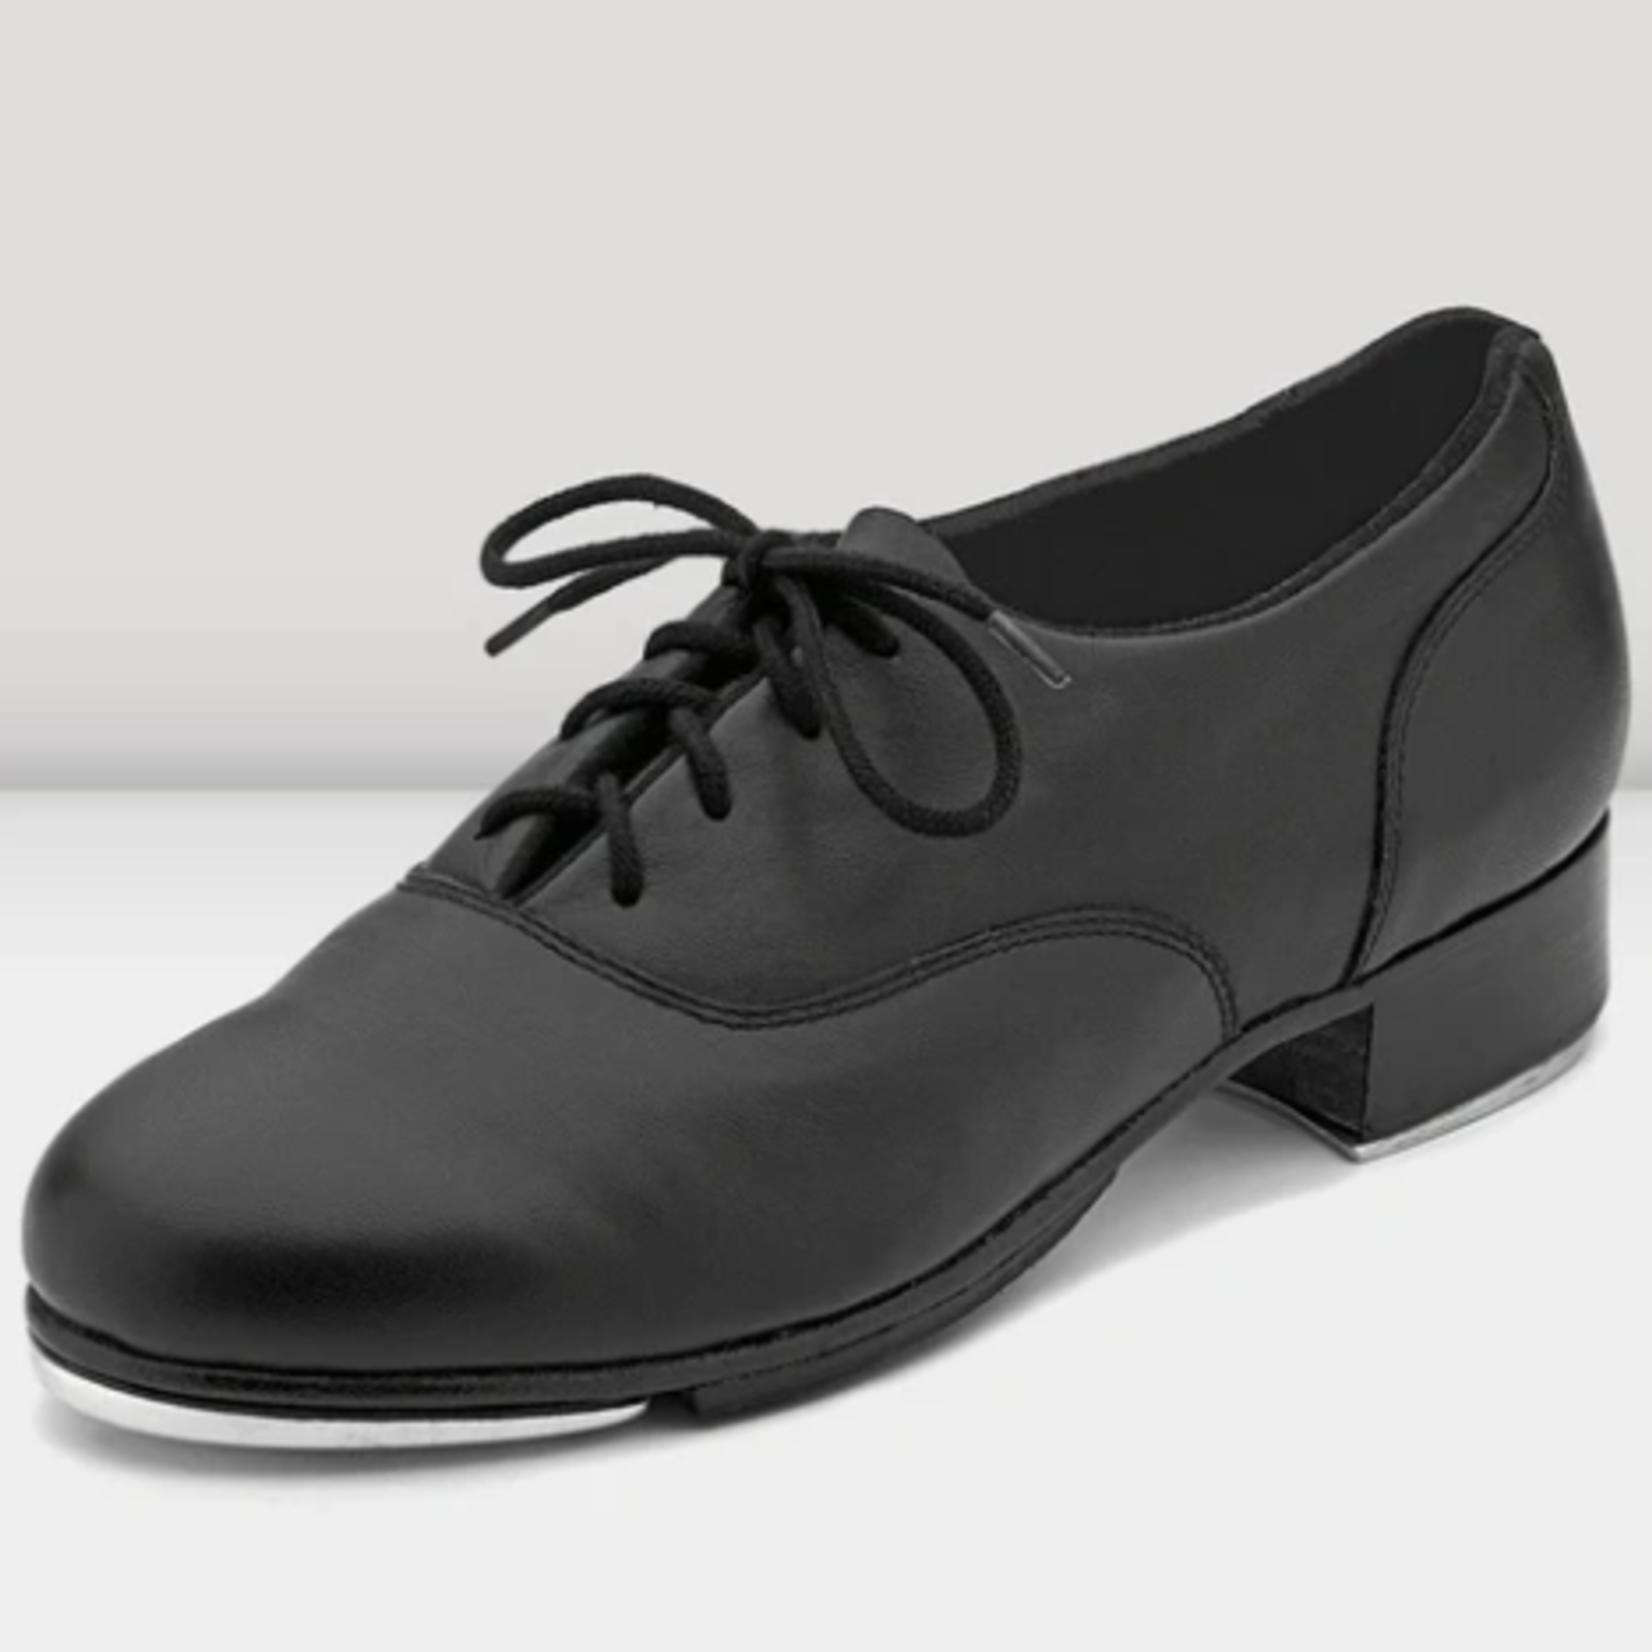 Bloch Bloch S0361L Respect Tap Shoe